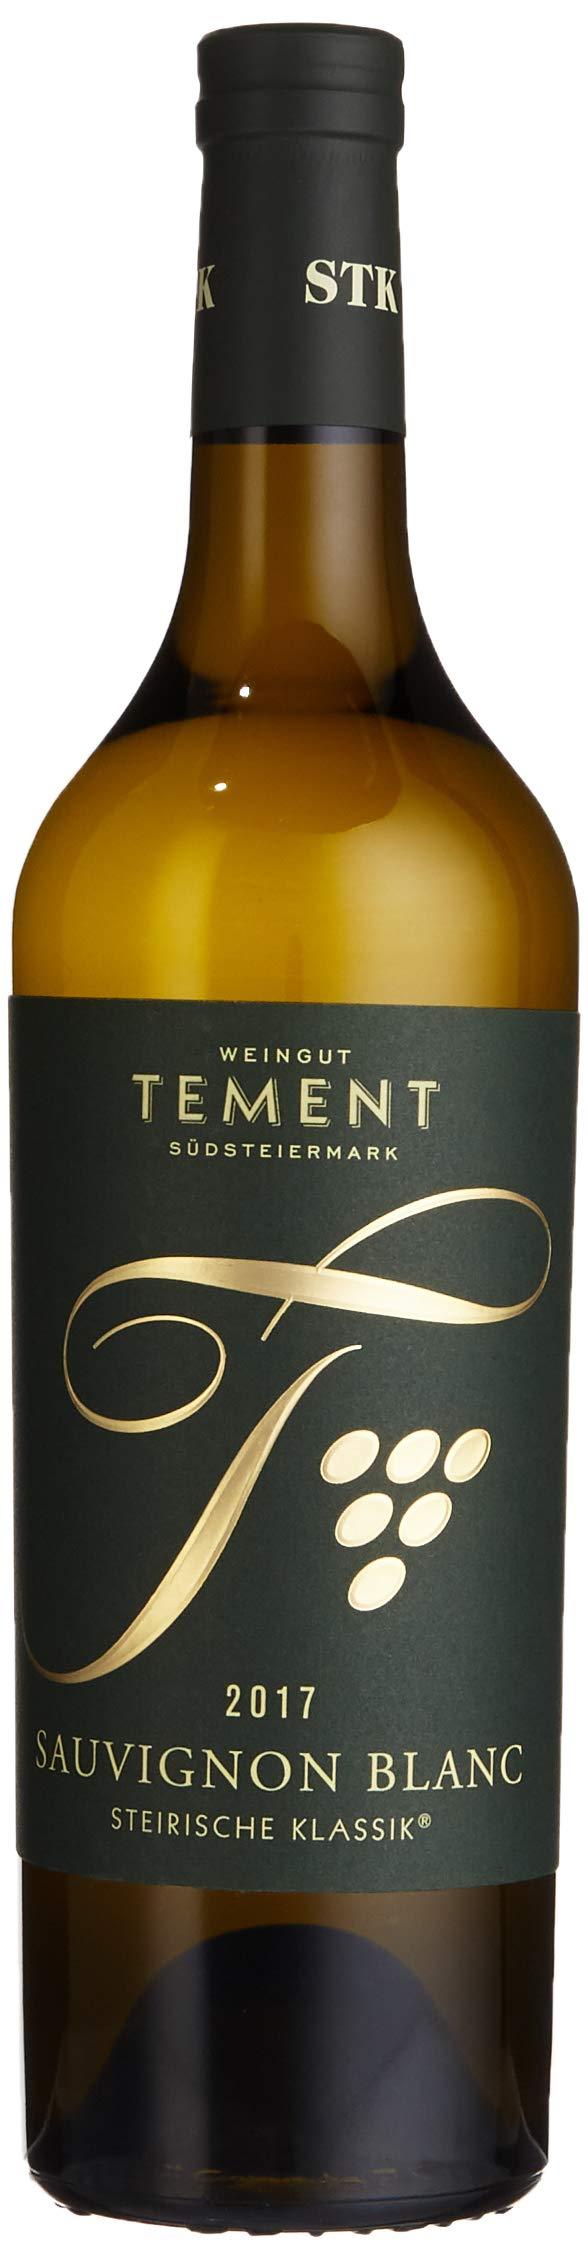 Tement-Sauvignon-Blanc-2017-trocken-1-x-075-l